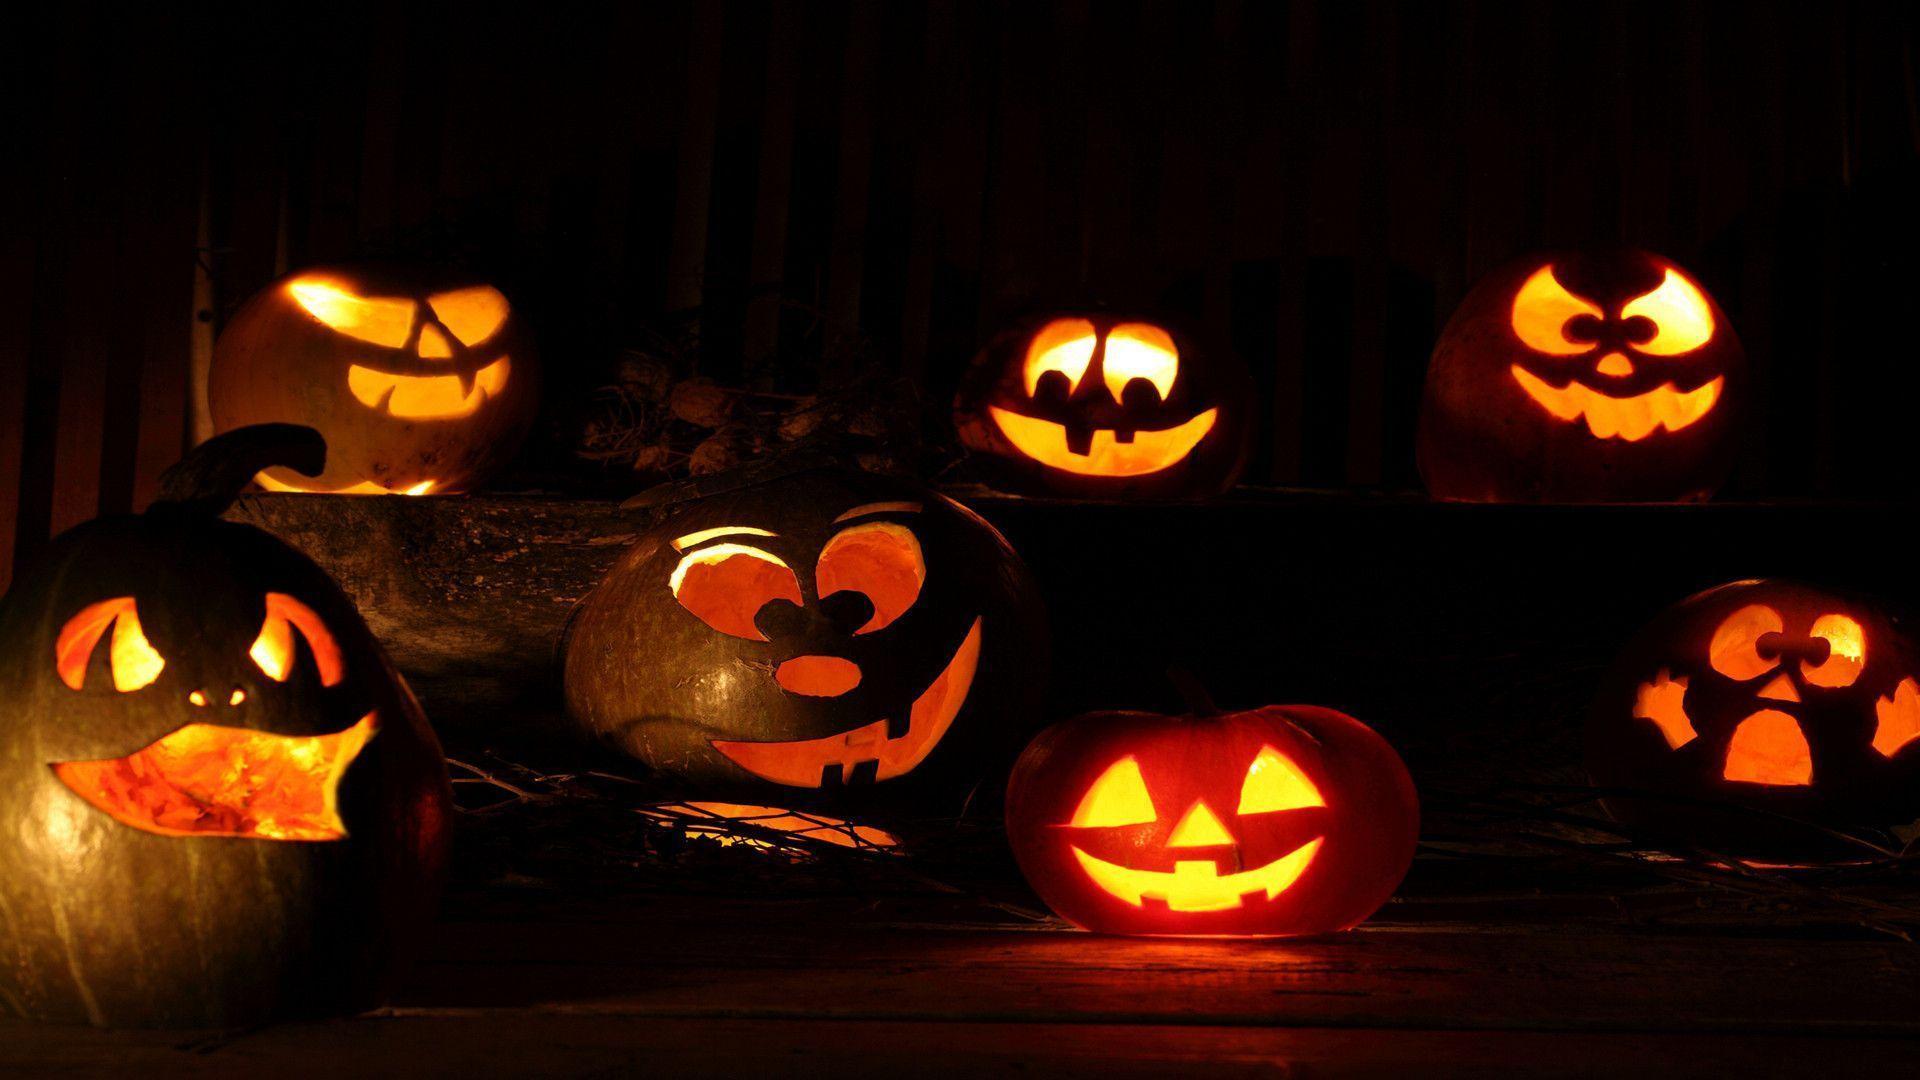 Beautiful Wallpaper Halloween High Resolution - jUgrkpM  Trends_91981.jpg